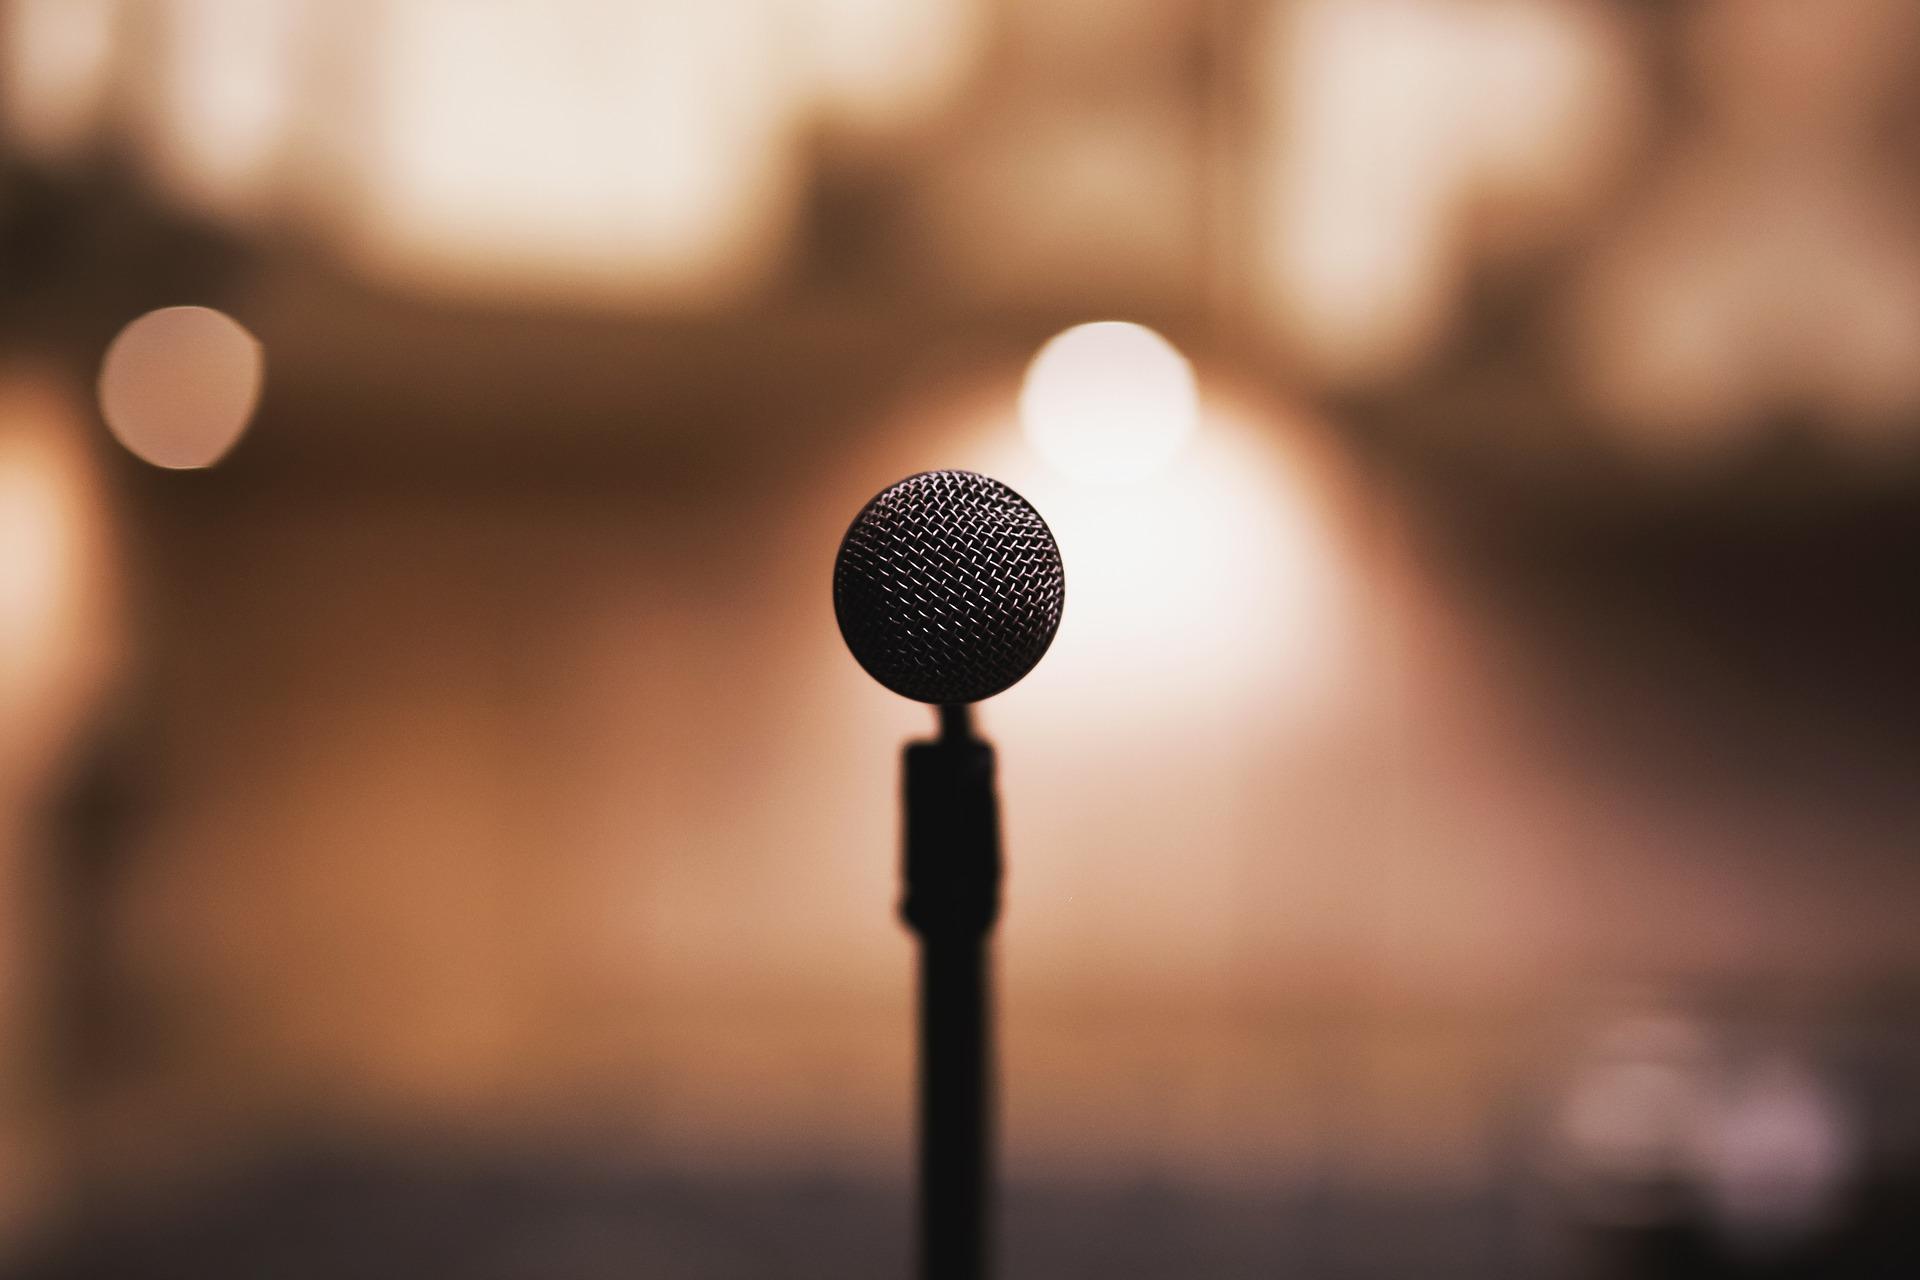 """Domenica 22 dicembre la Basilica di San Gennaro extra moenia ospiterà, in due imperdibili concerti, la formazione made in USA """"Darnell Moore and The Gospel Chorale"""", per il consueto appuntamento [...]"""